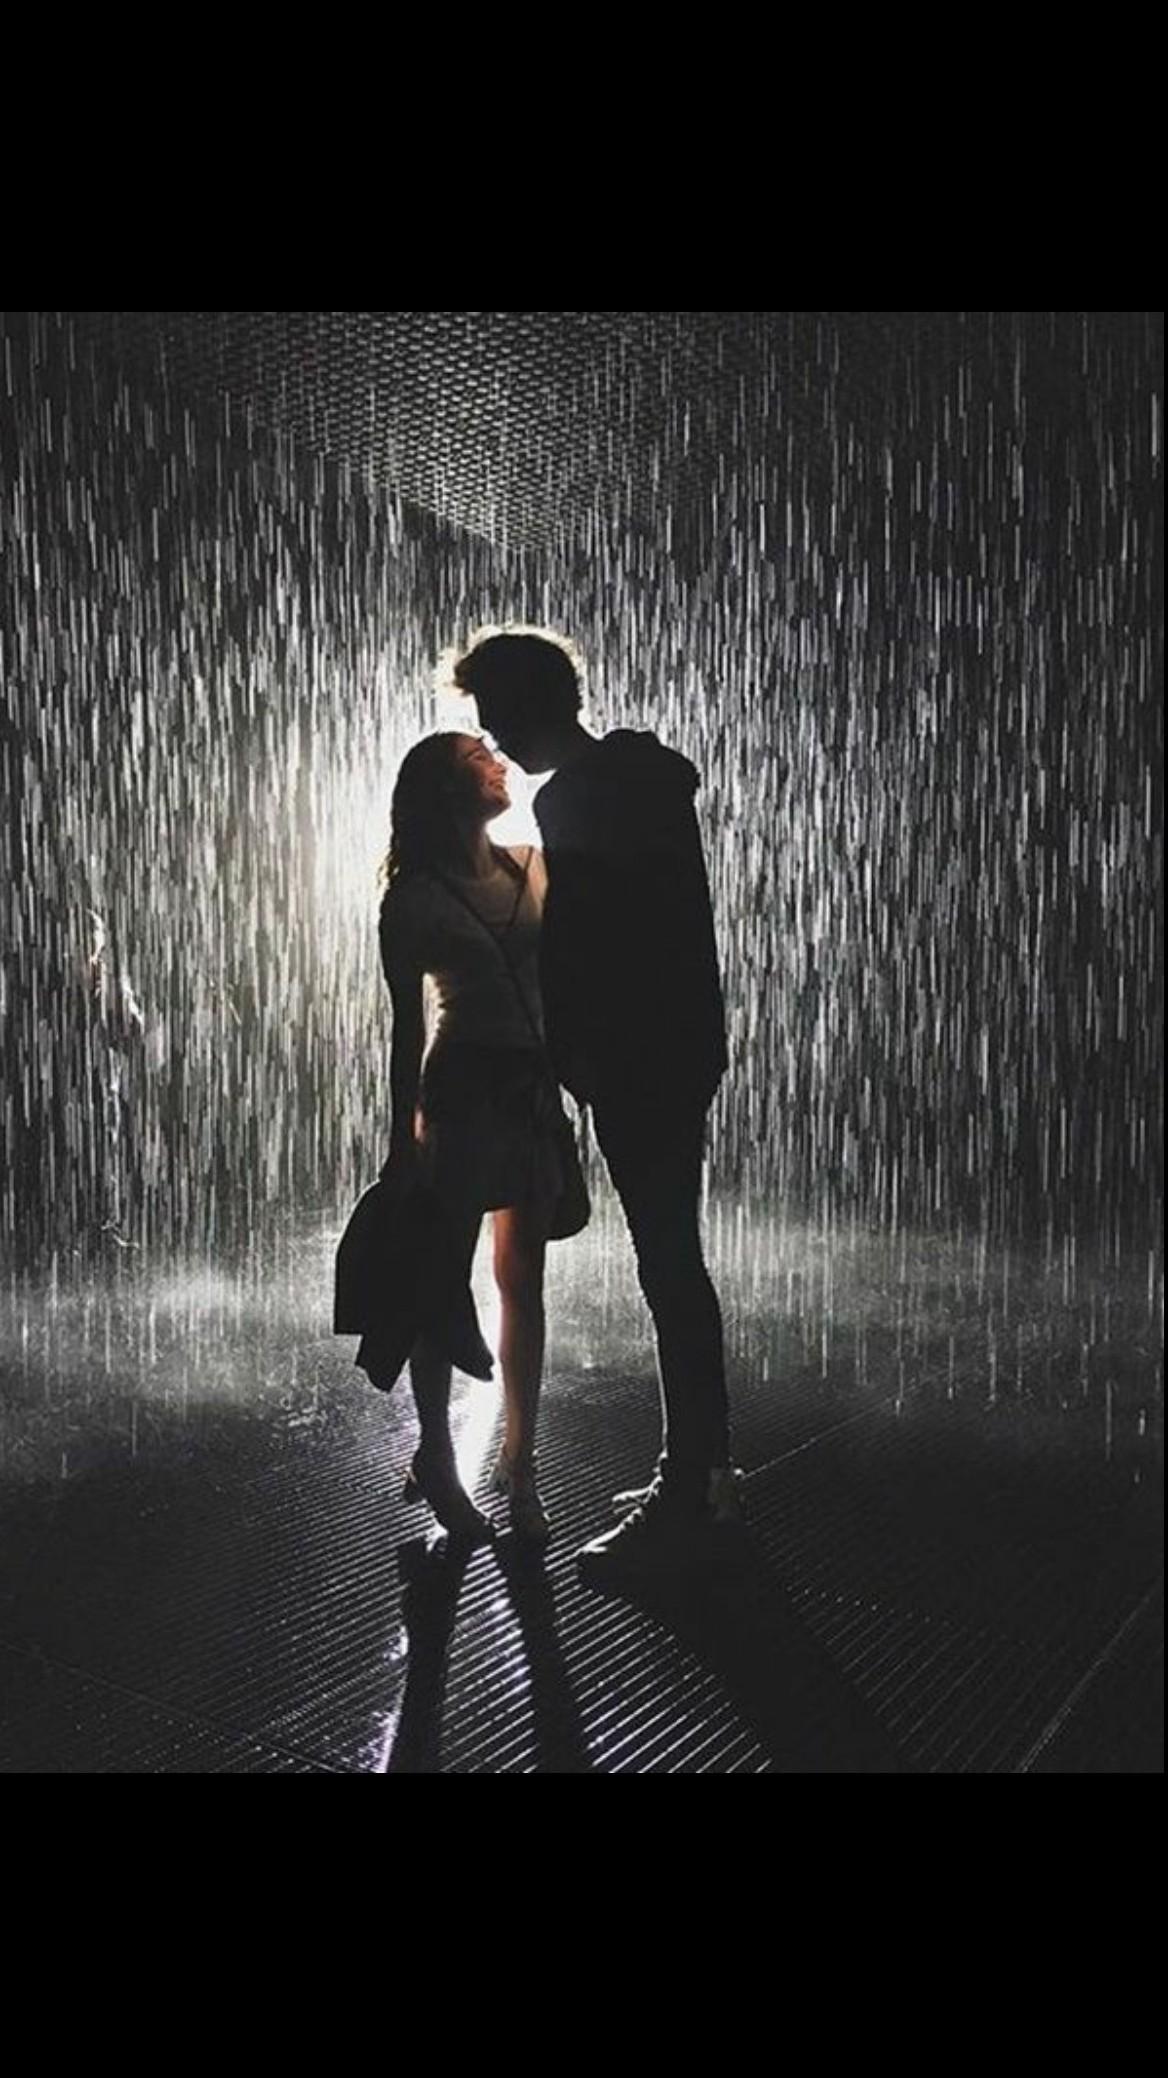 काश फिर आज रात बरसात हो , काश तेरी मेरी आज मुलाकात